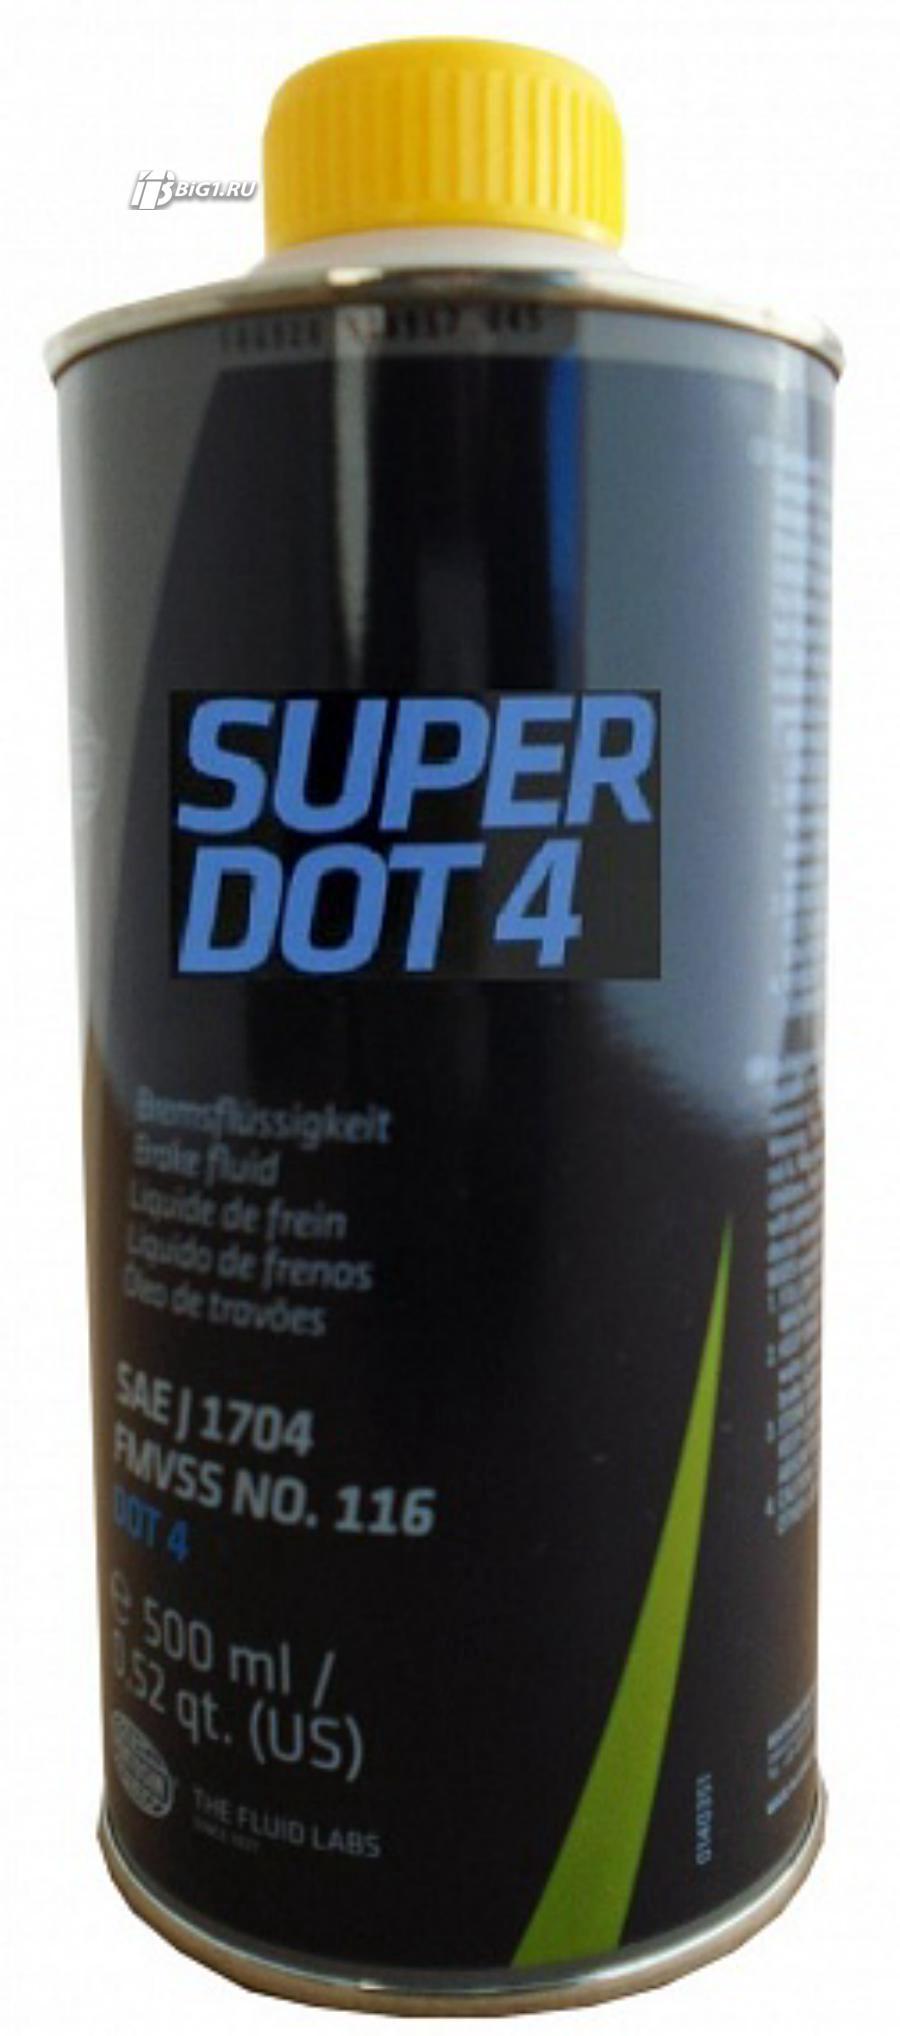 Жидкость тормозная dot 4, 'SUPER', '0,5л